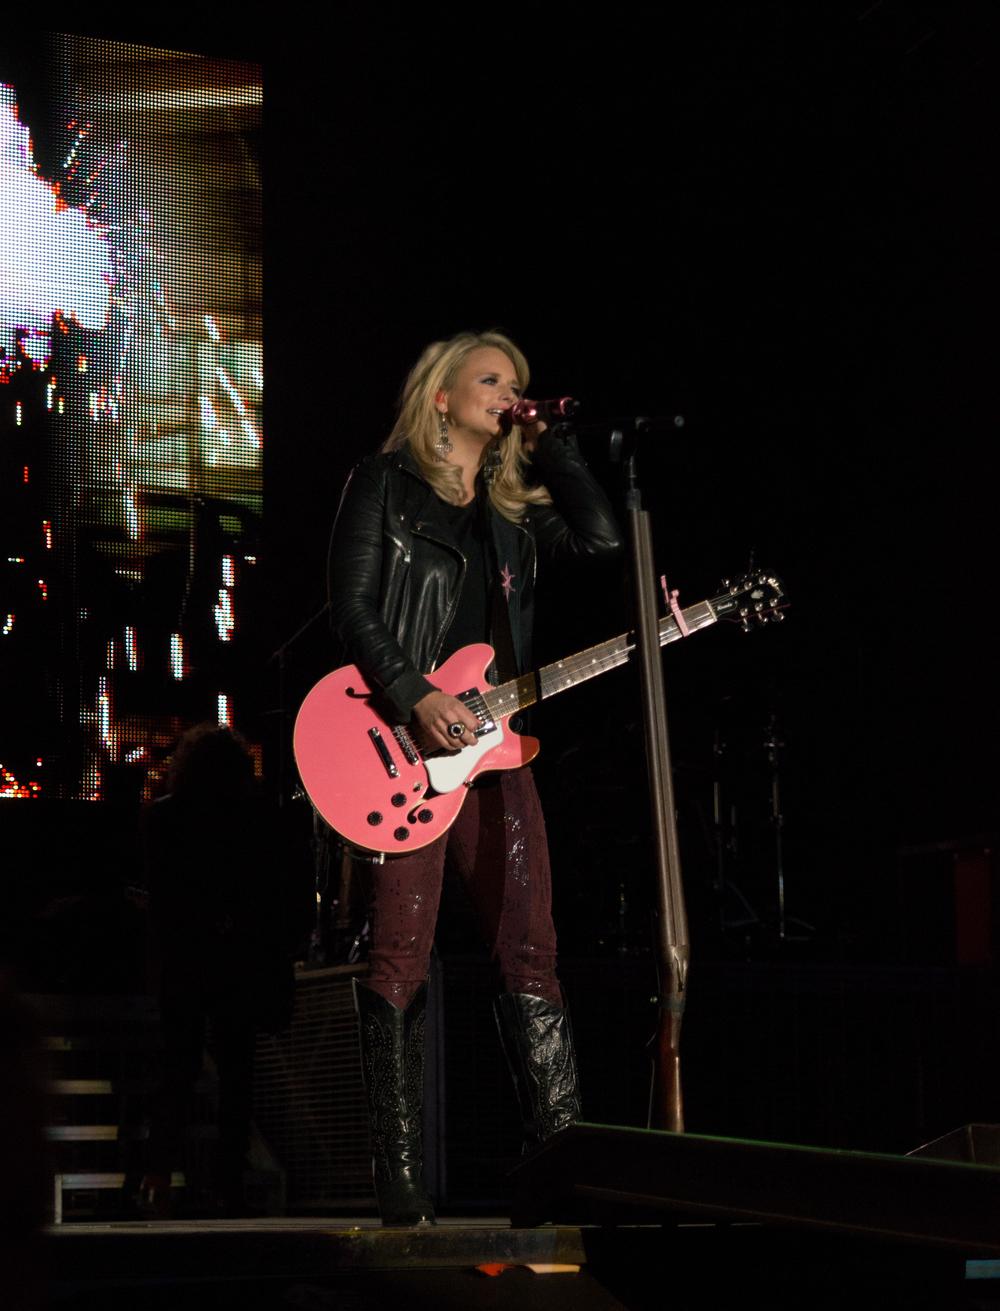 Miranda Lambert Website-10001-4.jpg